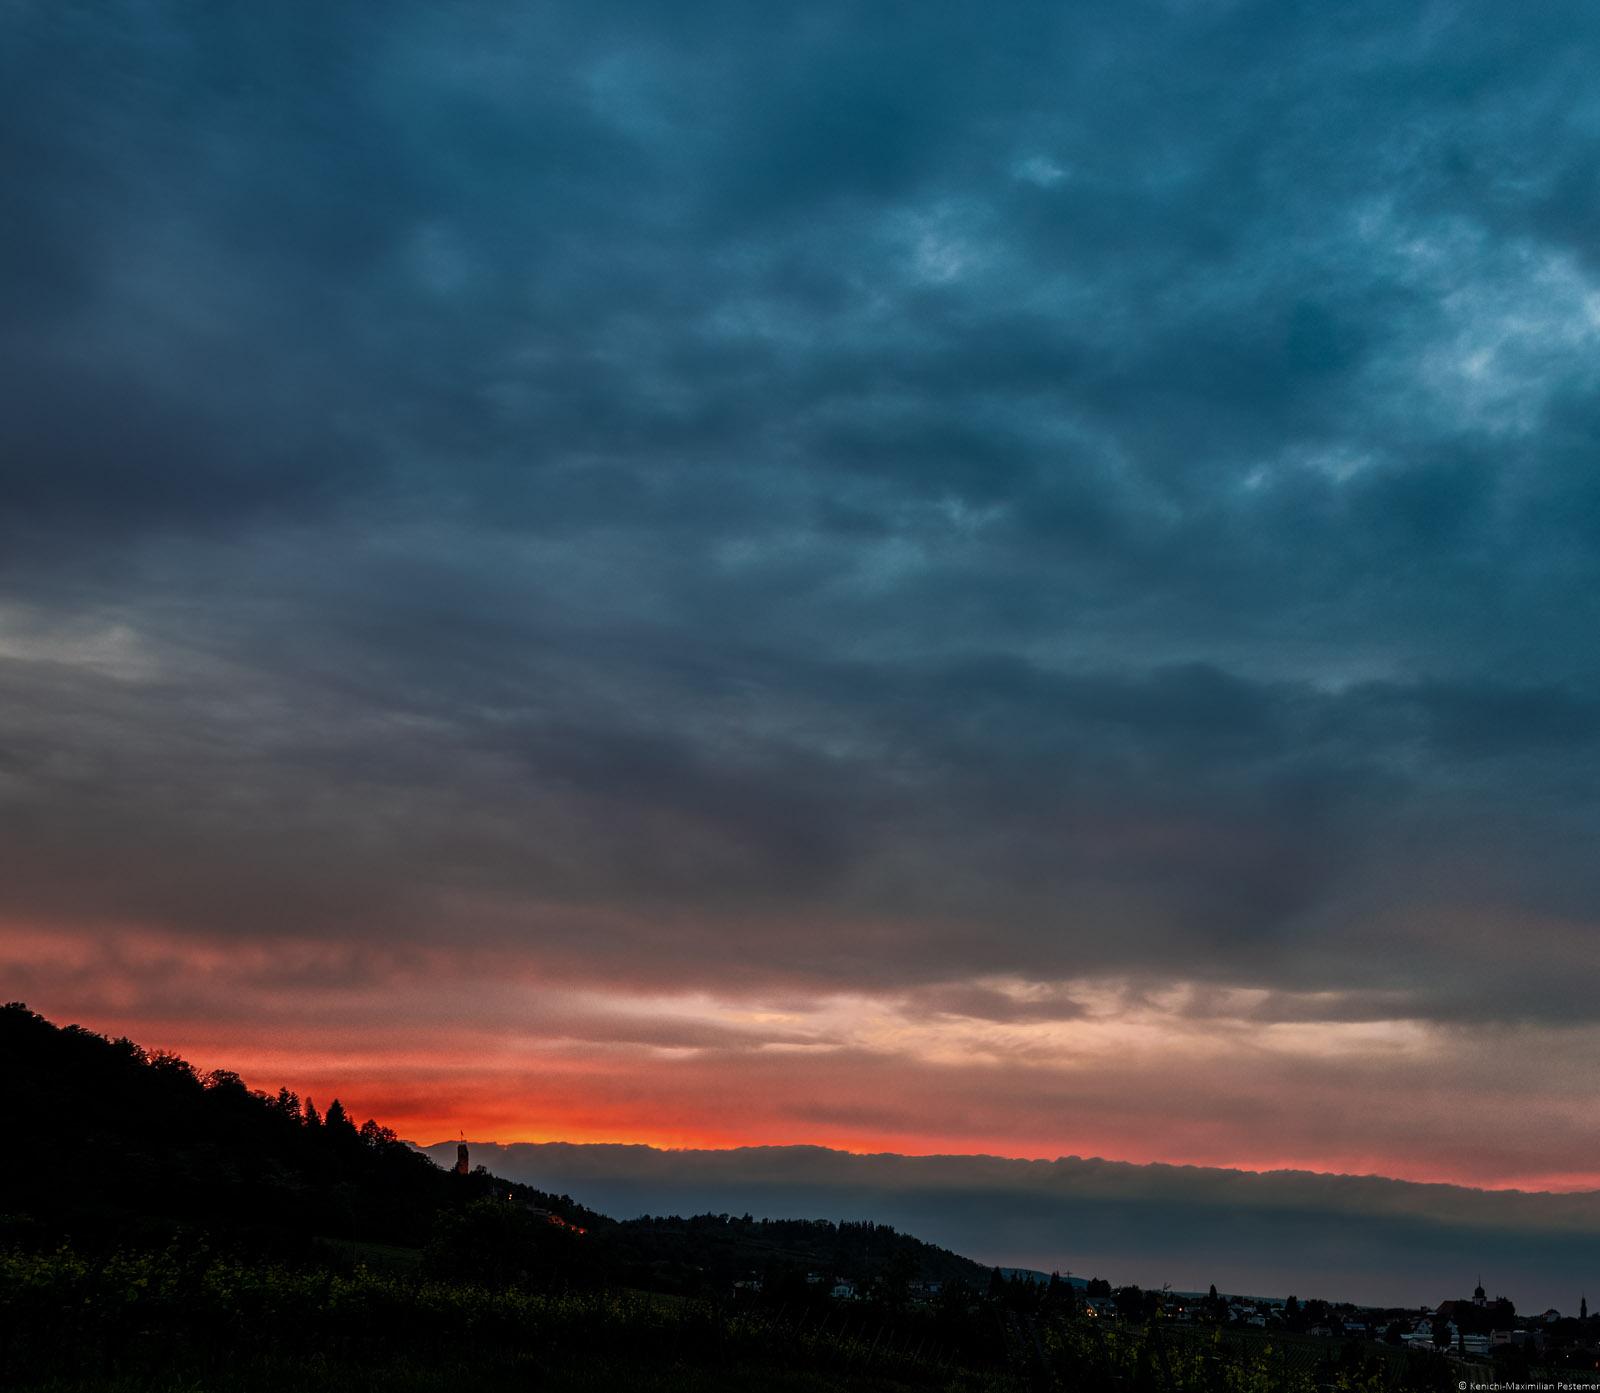 Sonnenuntergang am Forster Pechstein, Weinberge, Ort Wachenheim, Hügel, Burgturm der Wachtenburg